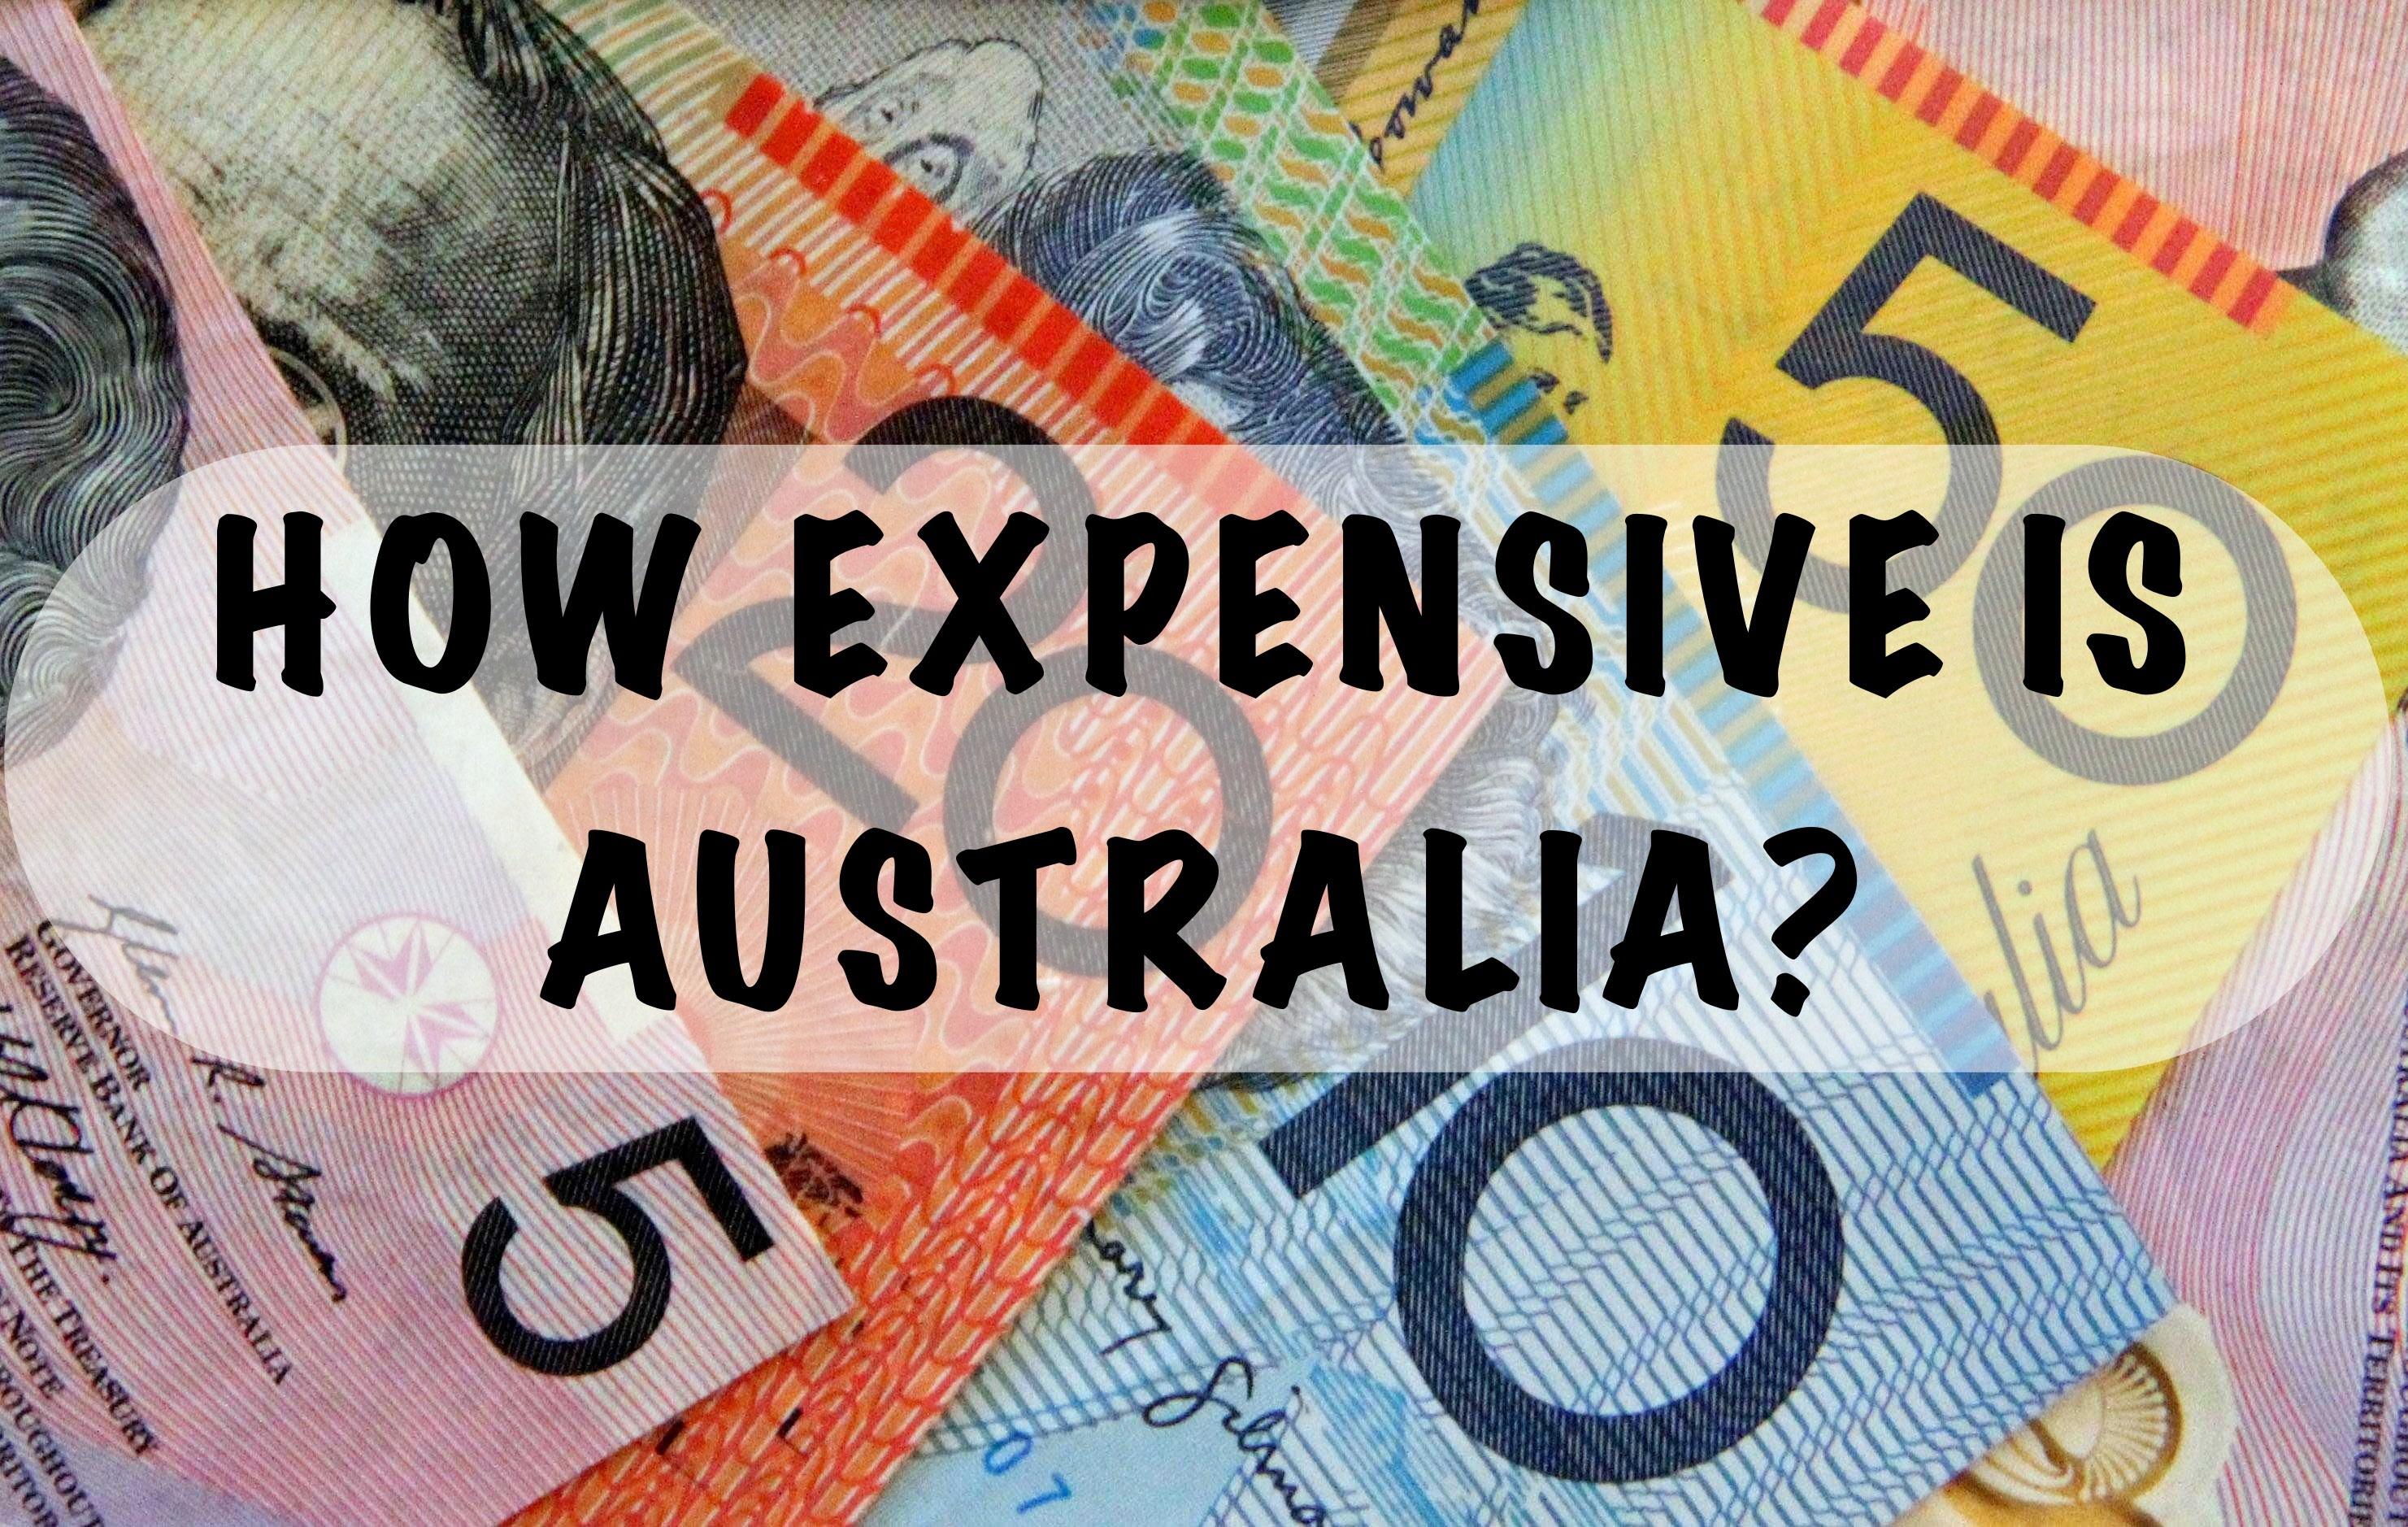 Australia is expensive